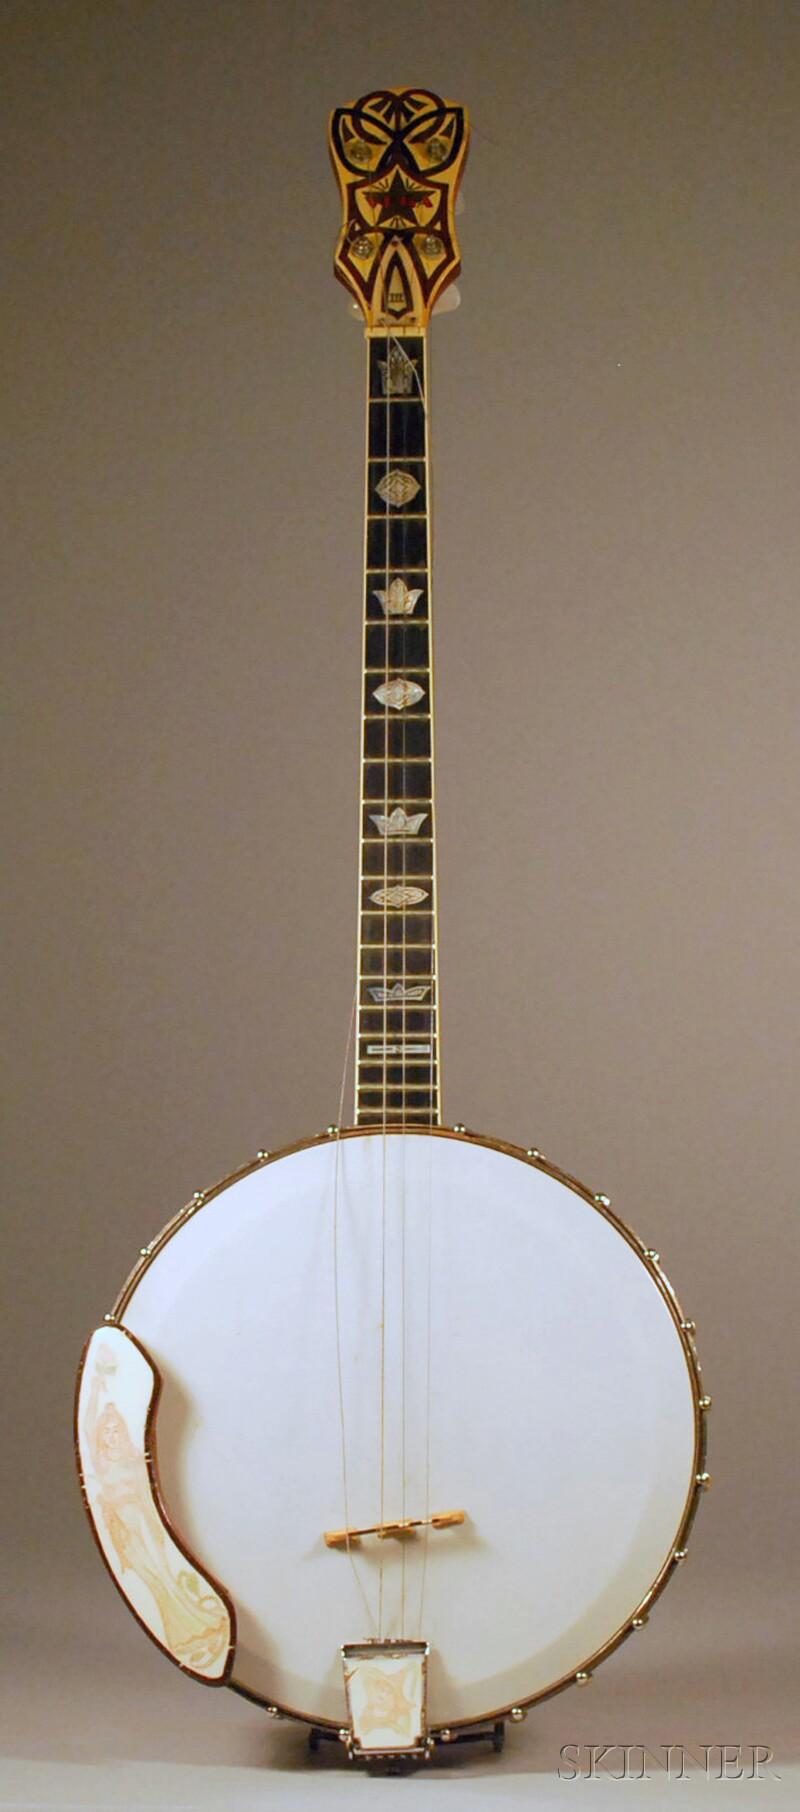 American Tenor Banjo, The Vega Company, Boston, c. 1925